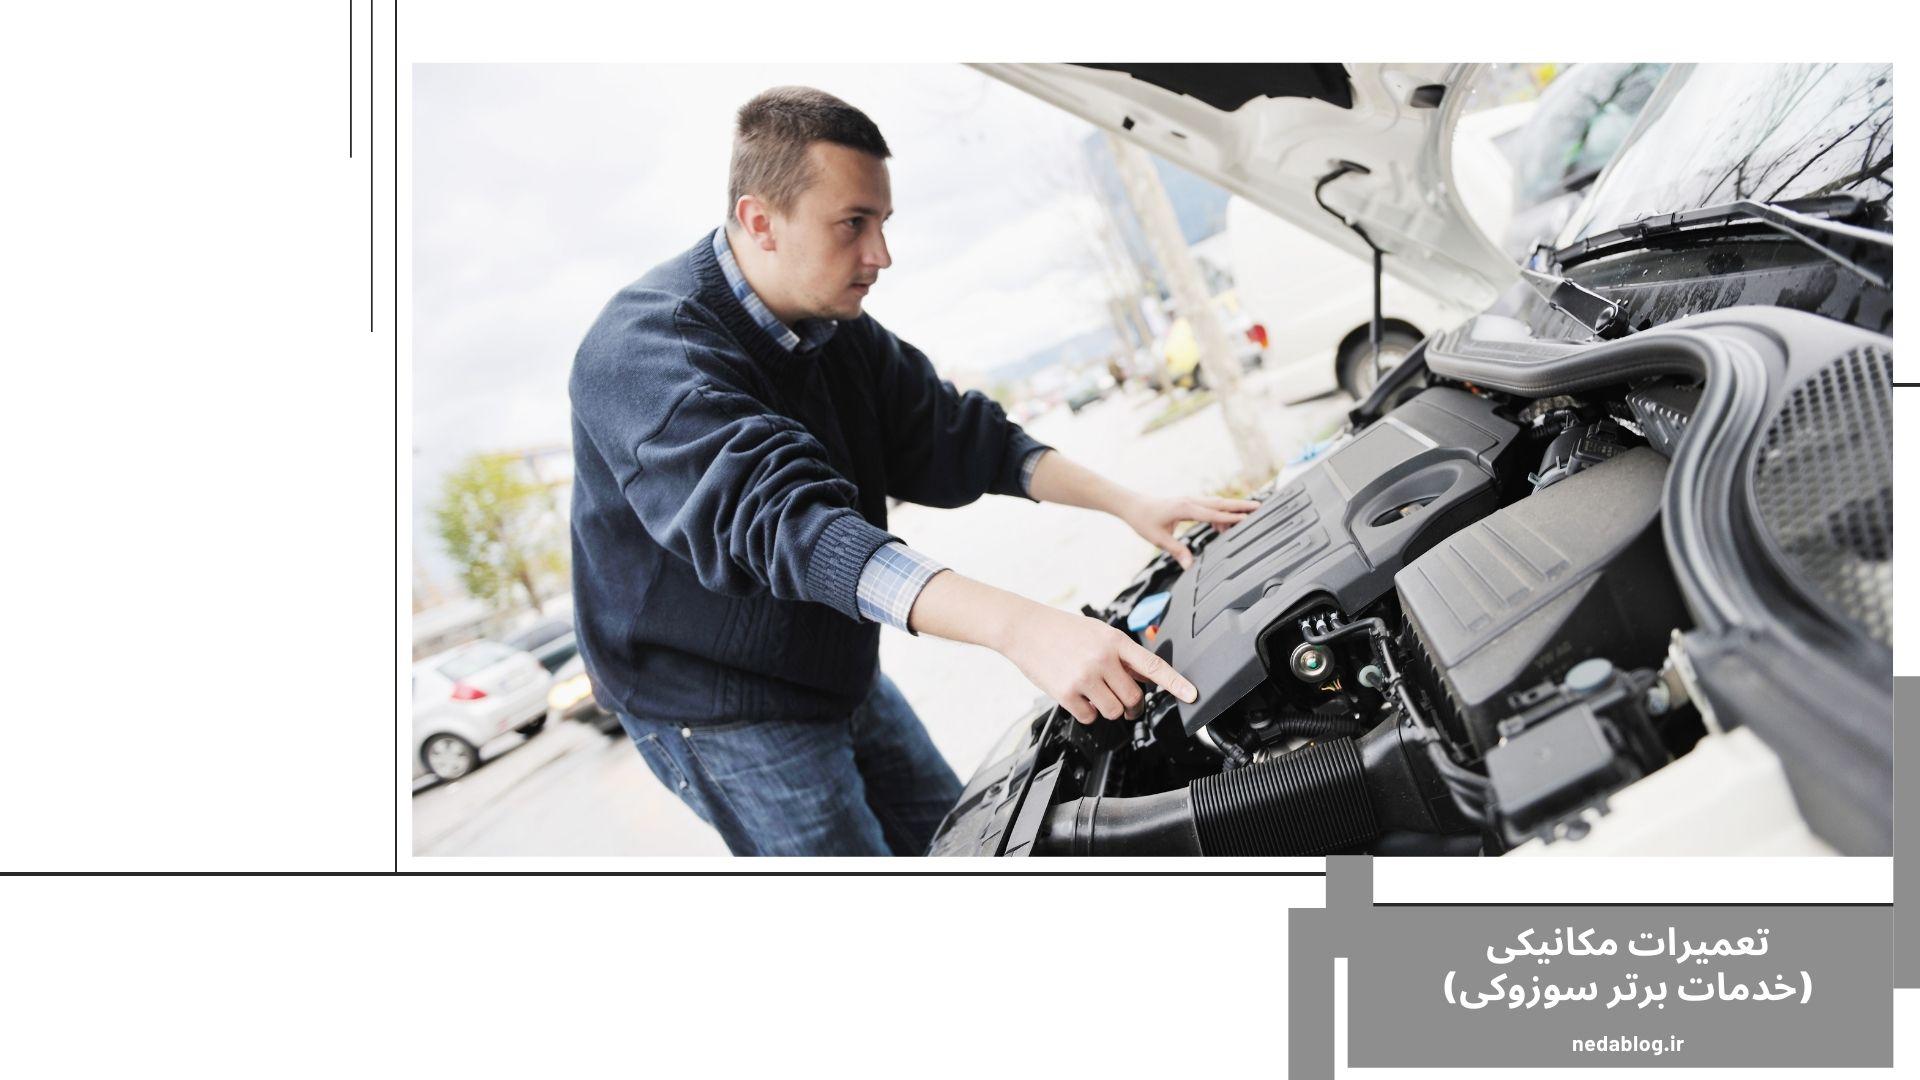 تعمیرات مکانیکی (خدمات برتر سوزوکی):